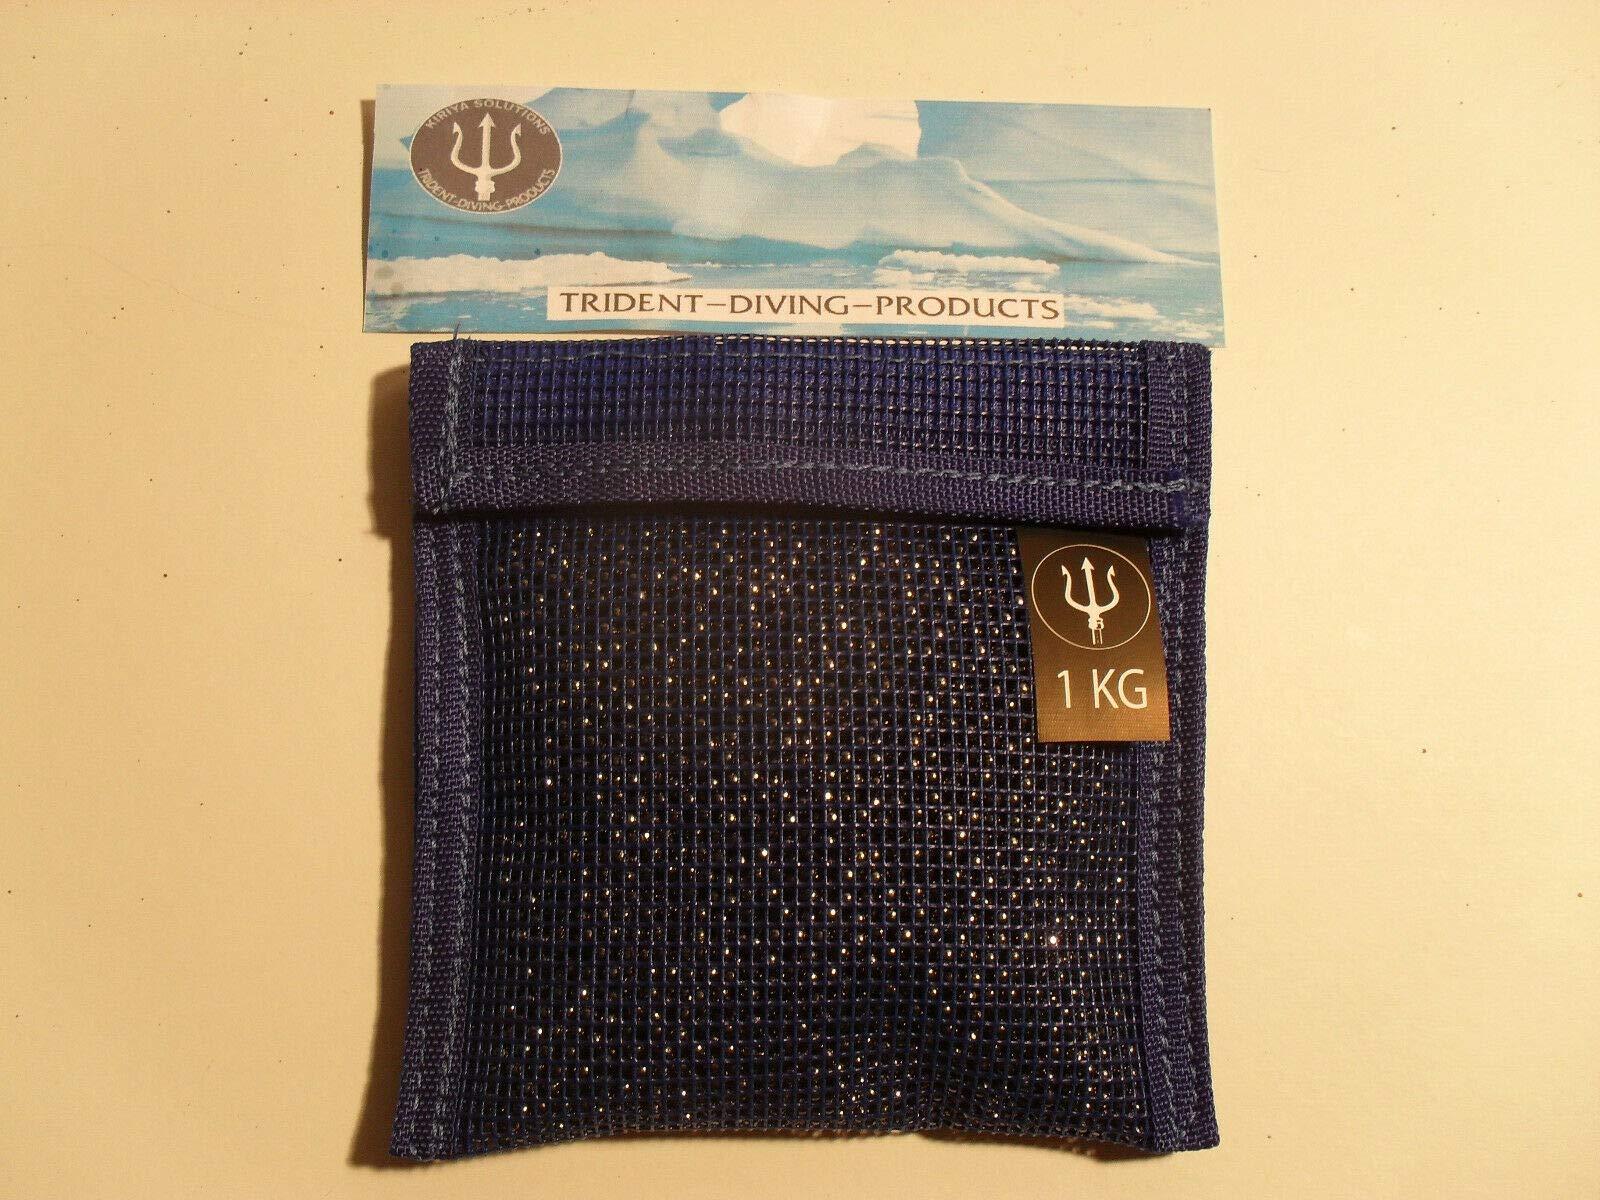 3kg Lead Shot Divers Pouches EMPTY Bags x 5